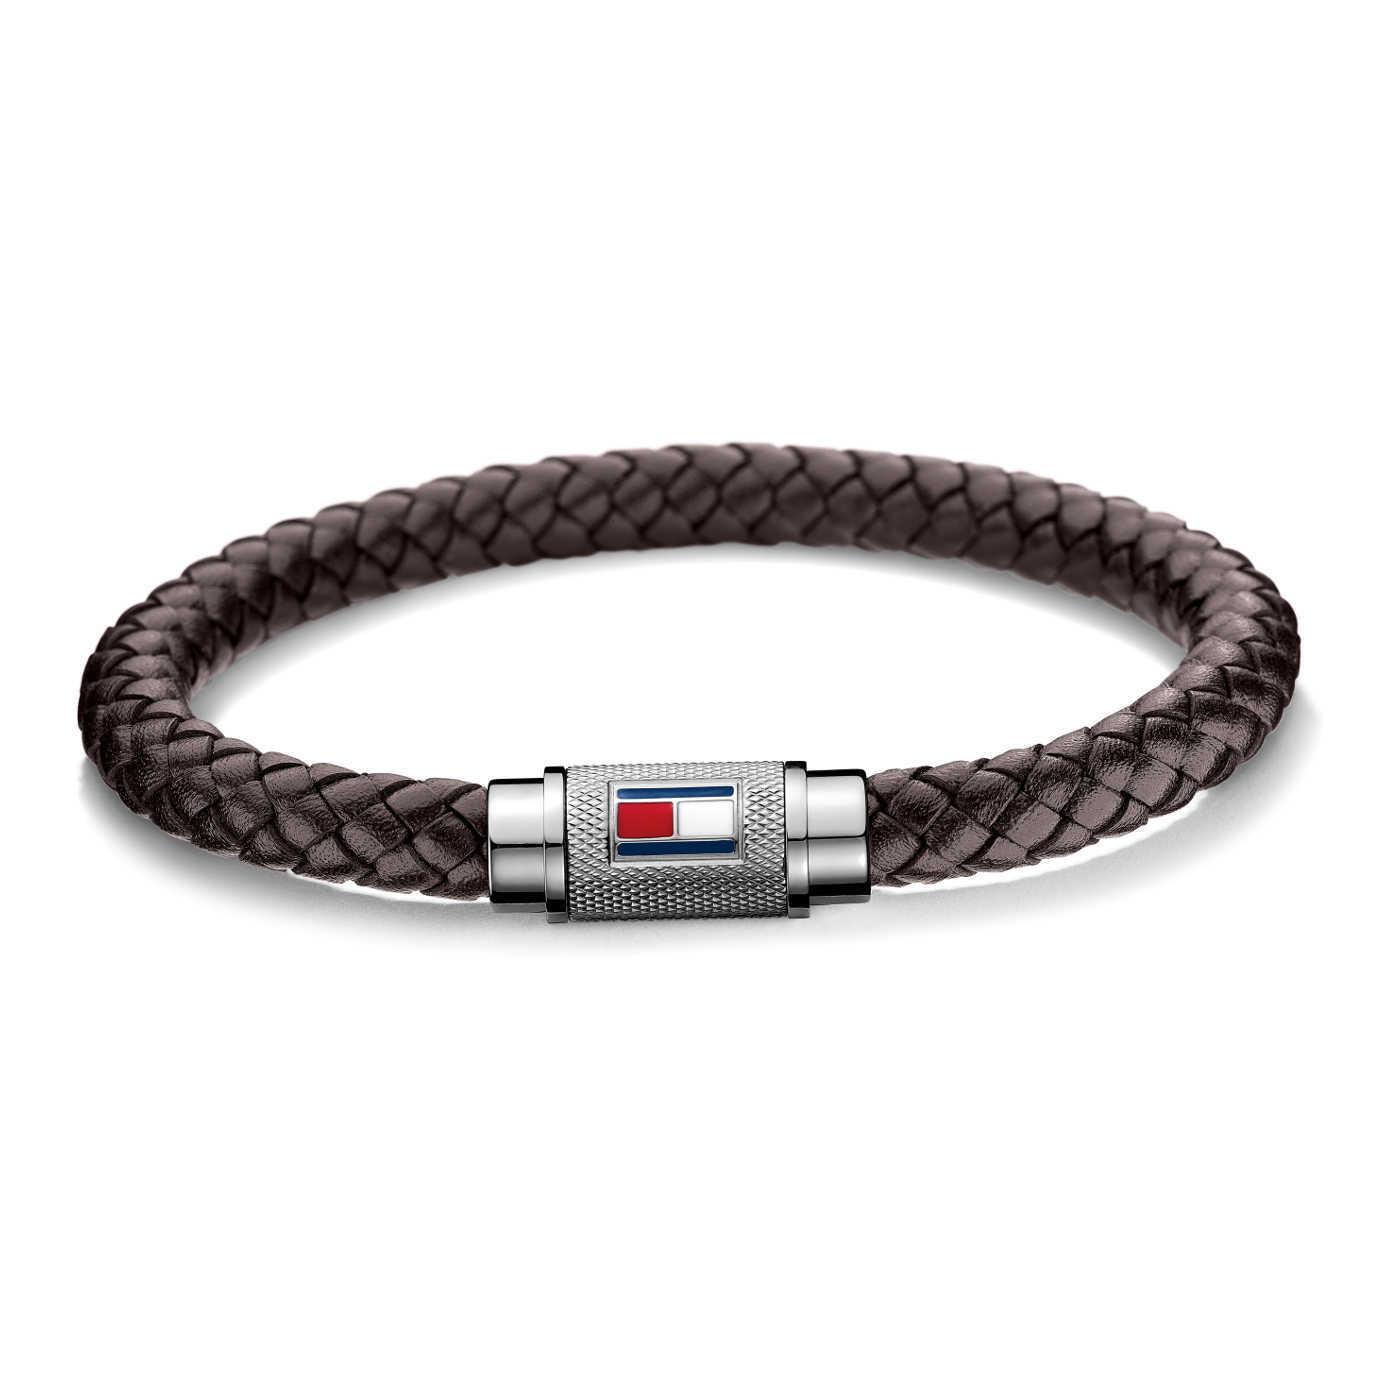 Bracelet TJ2700998 (Taille: 22.50 cm) - Tommy hilfiger - Modalova